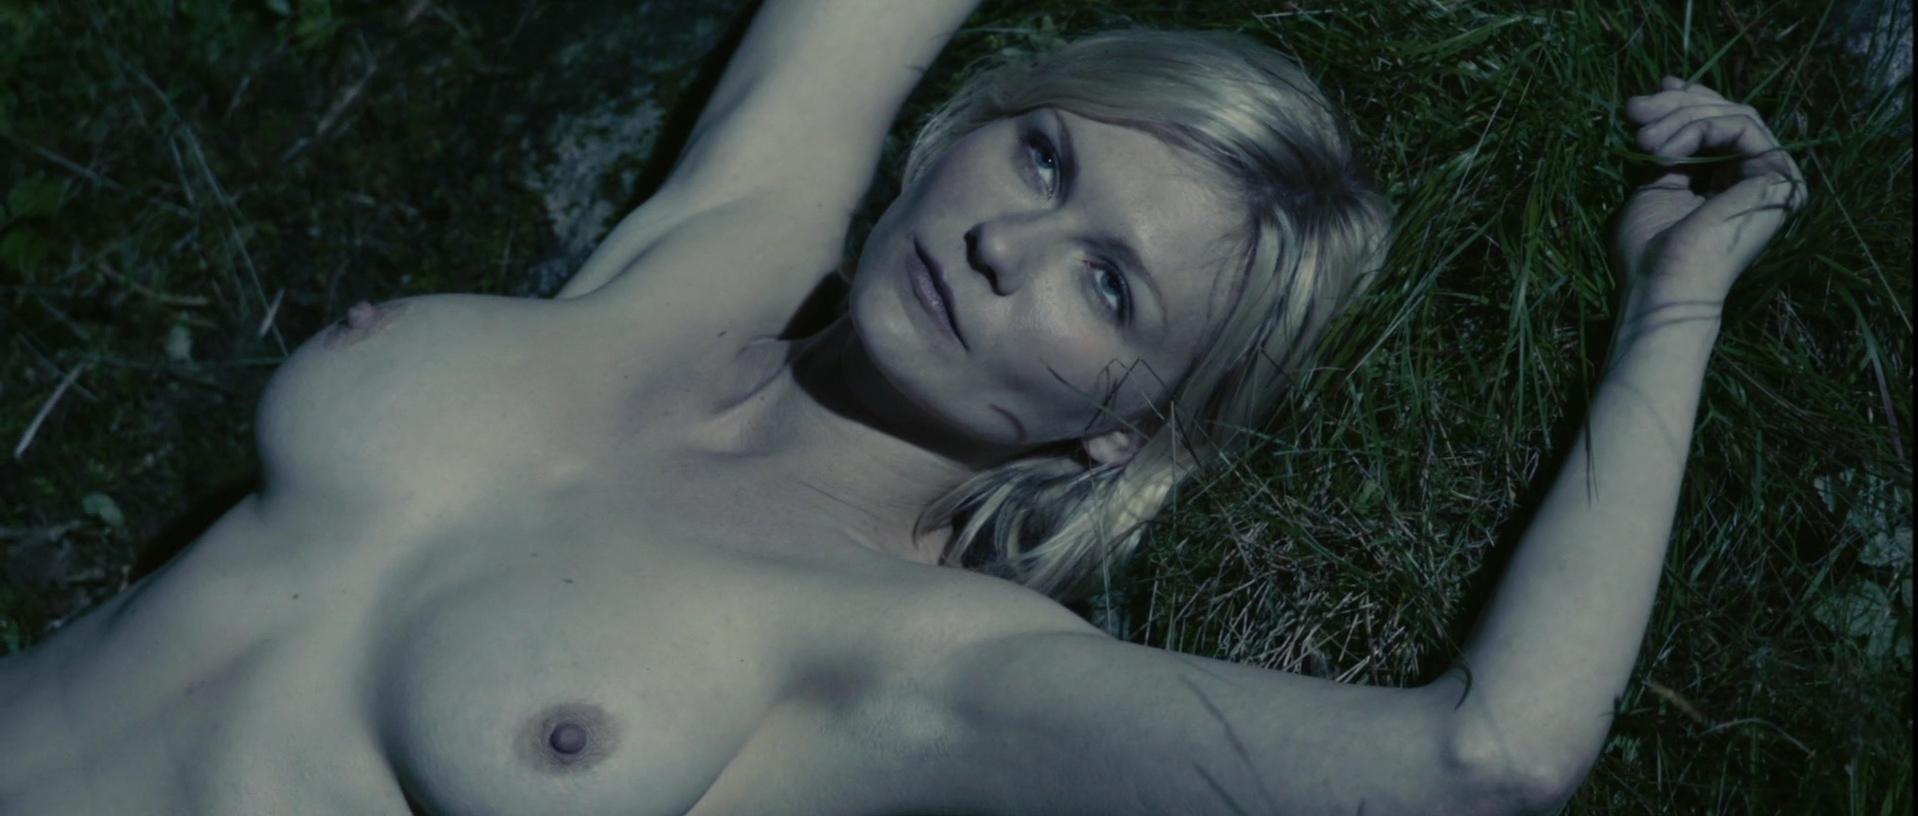 nude Kirsten scene dunst